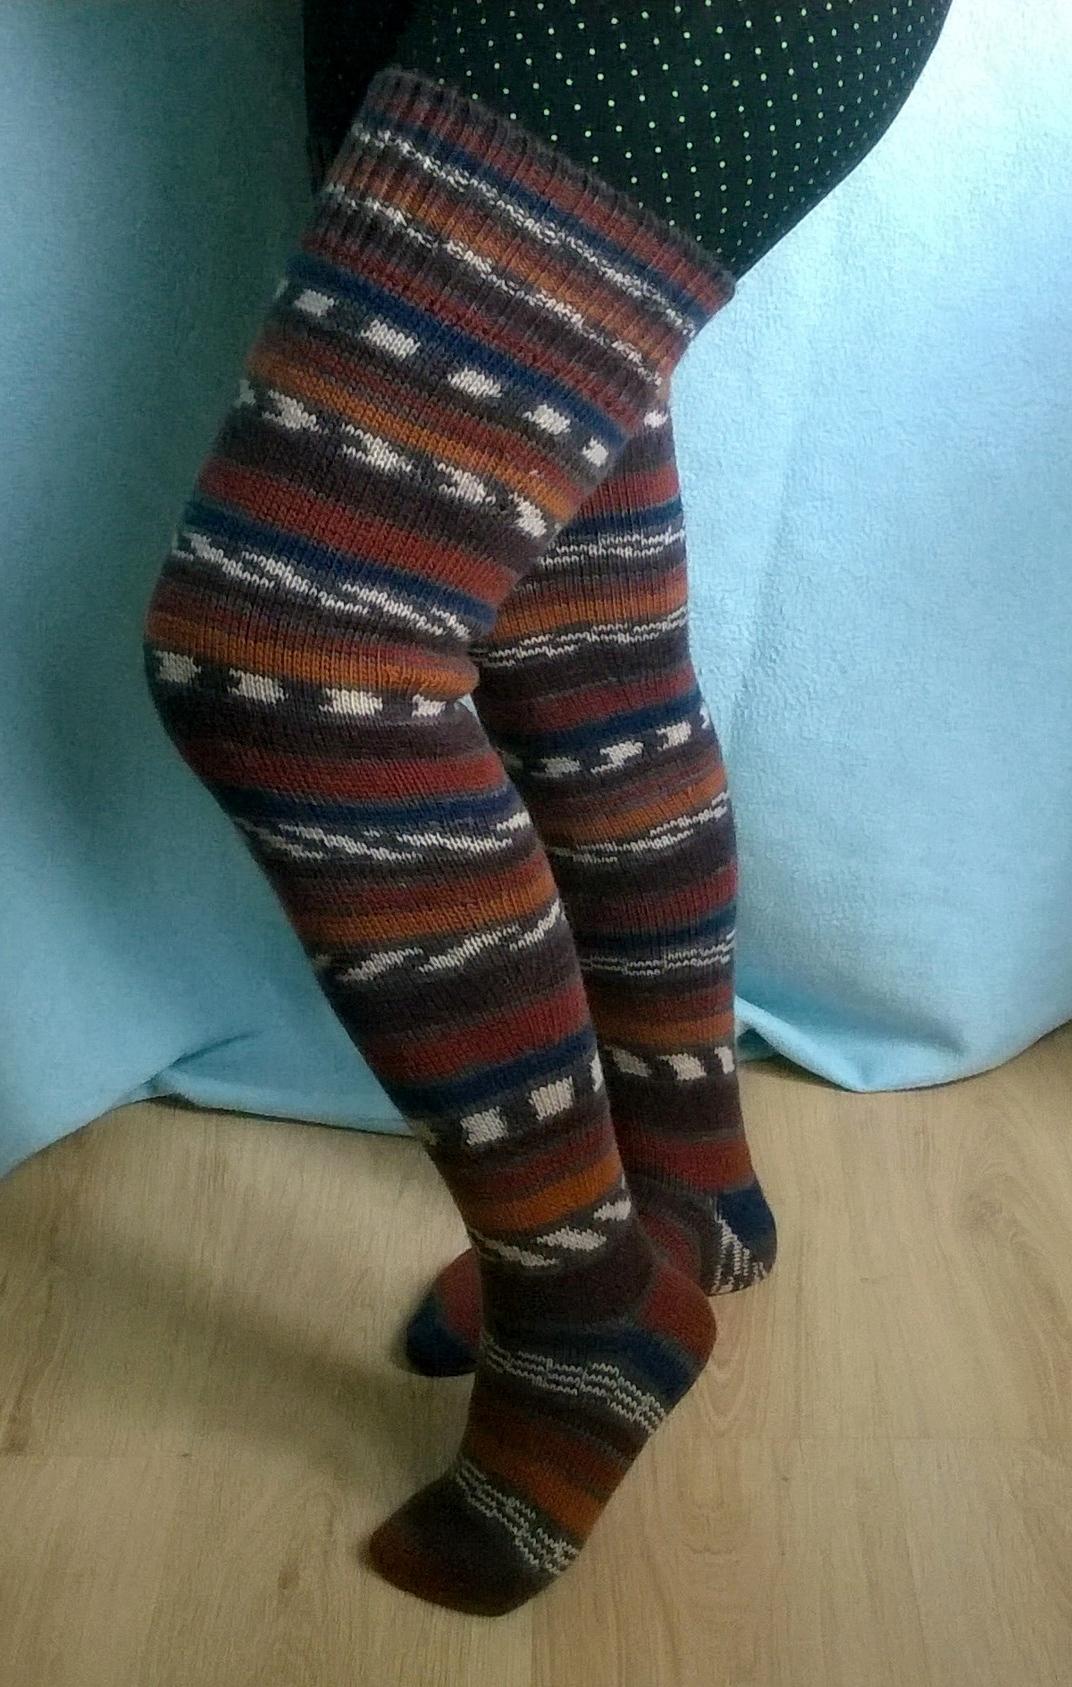 a85ccaf1ae1e0 Гольфы тёплые, мягкие связаны из турецкой шерстяной пряжи Alize,  рекомендованной для чулочно -носочных